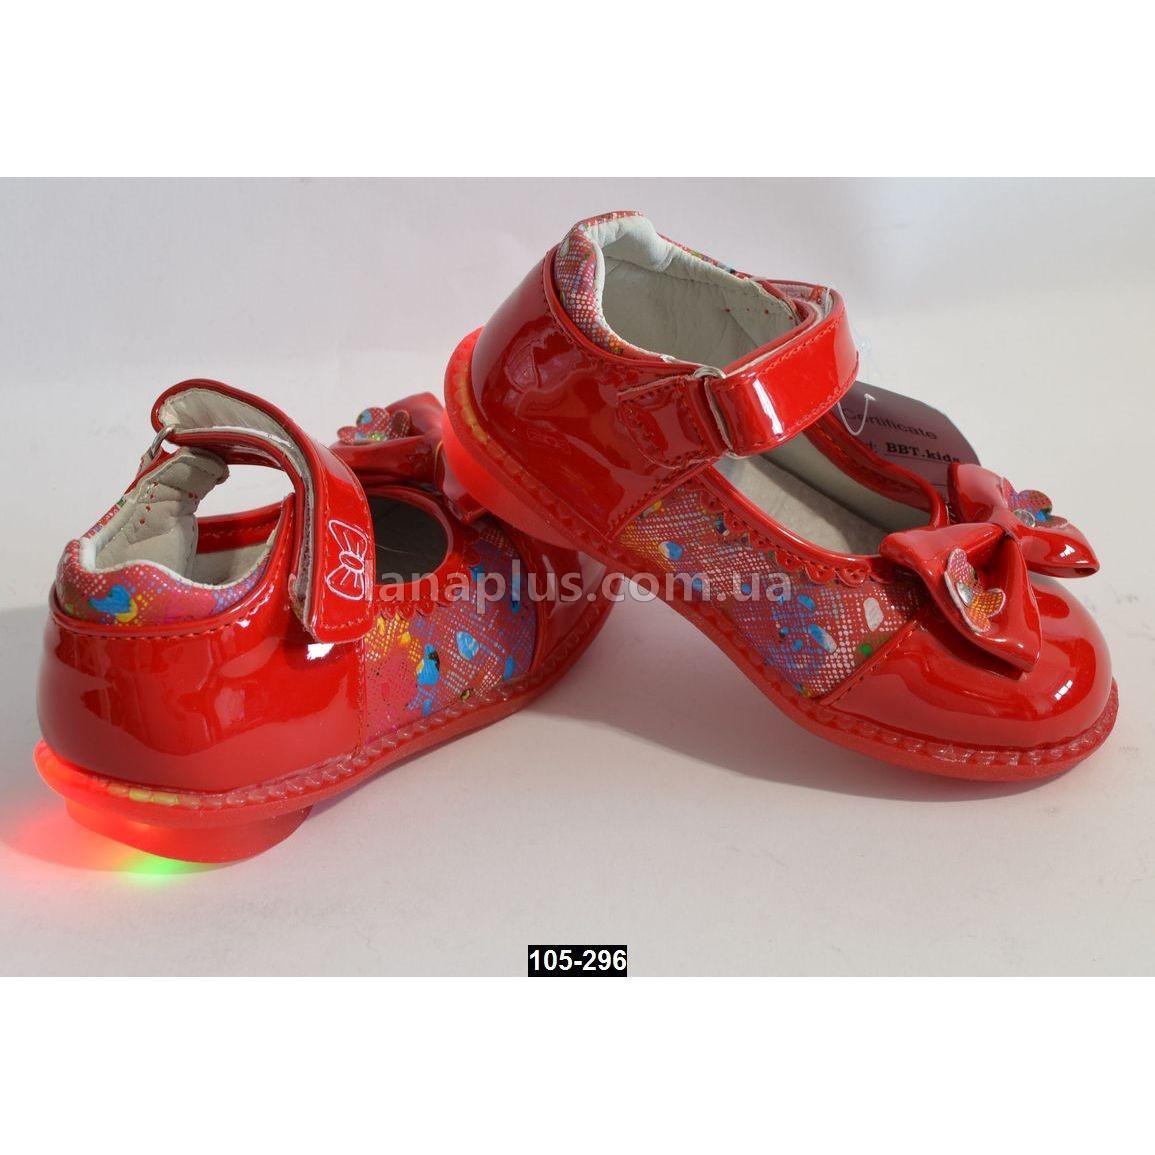 Светящиеся туфли для девочки, LED мигалки, супинатор, 23 размер (14 см)